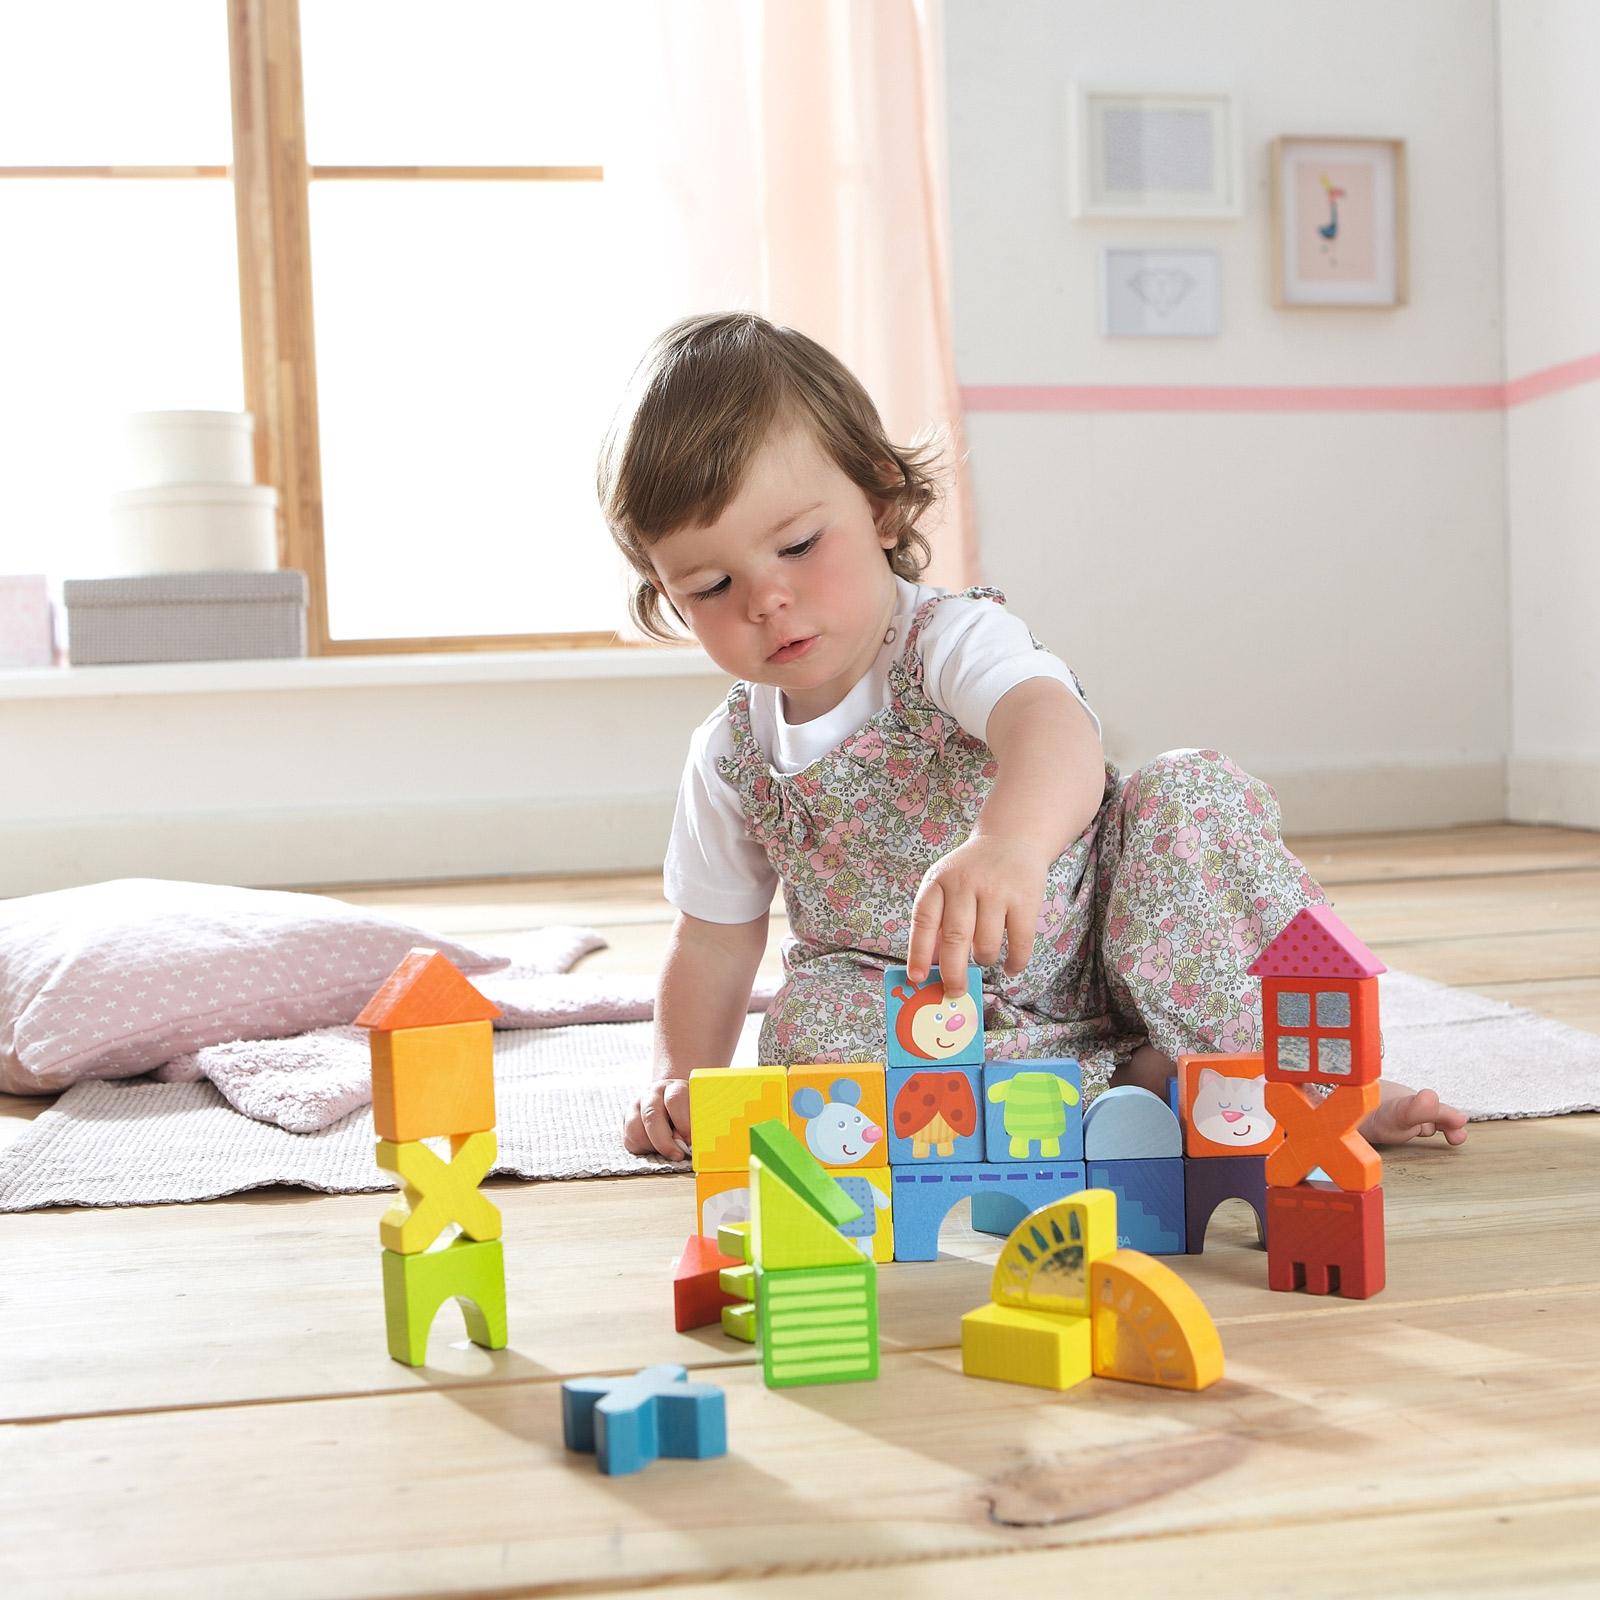 grand jeu concours de no l les cadeaux gagner dr les de mums. Black Bedroom Furniture Sets. Home Design Ideas